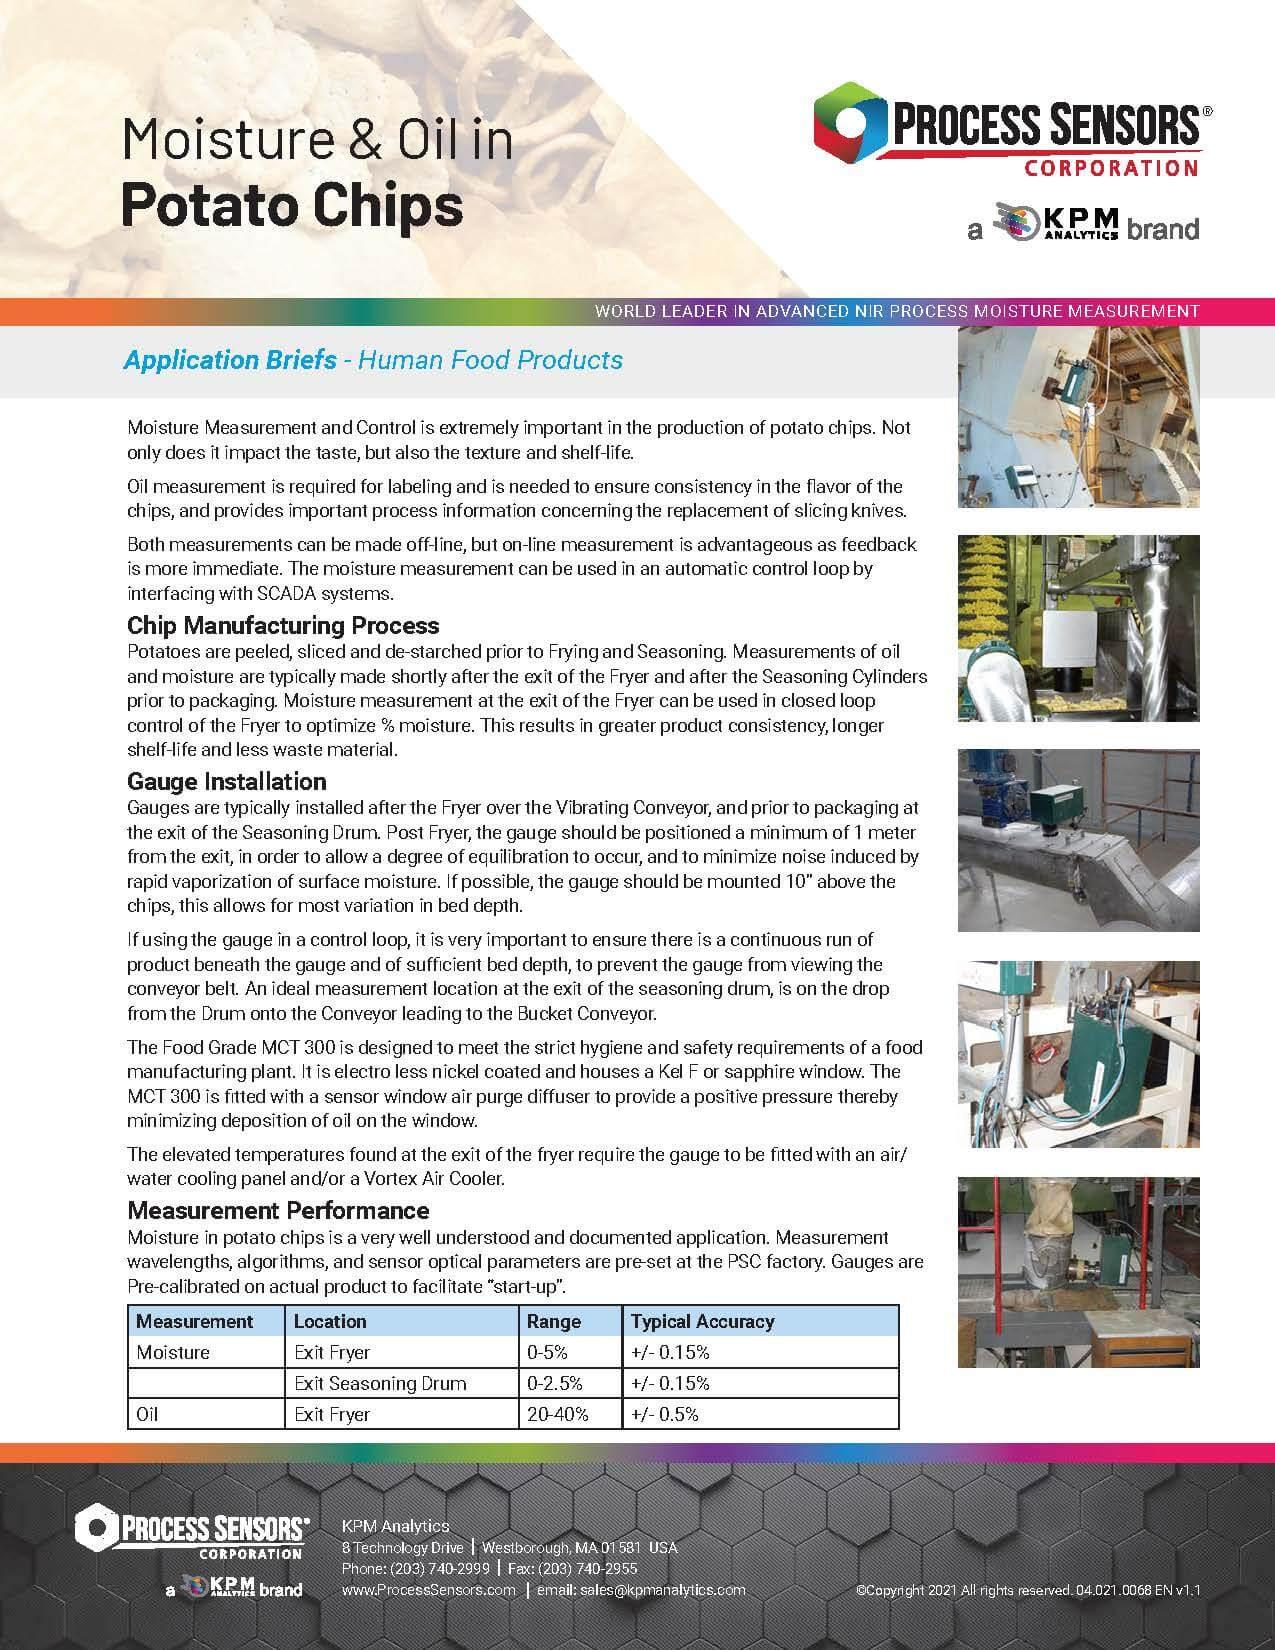 Moisture & Oil in Potato Chips